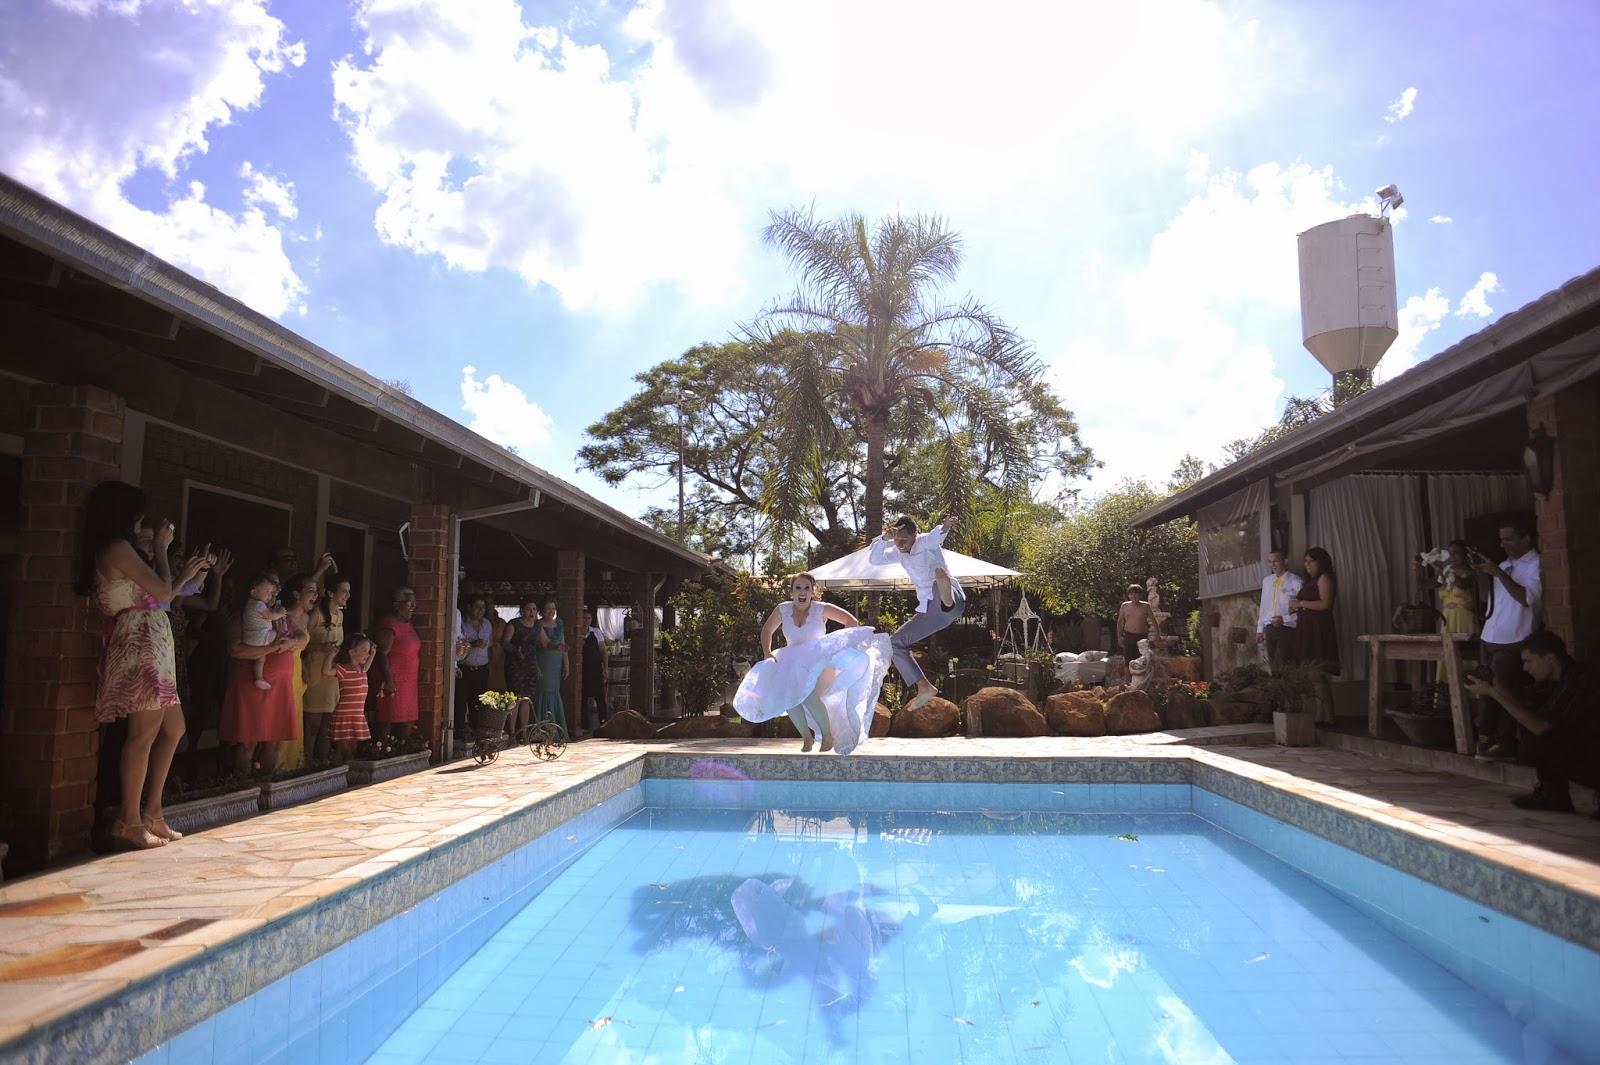 noivos-piscina-casamento-dia-azul-amarelo-1